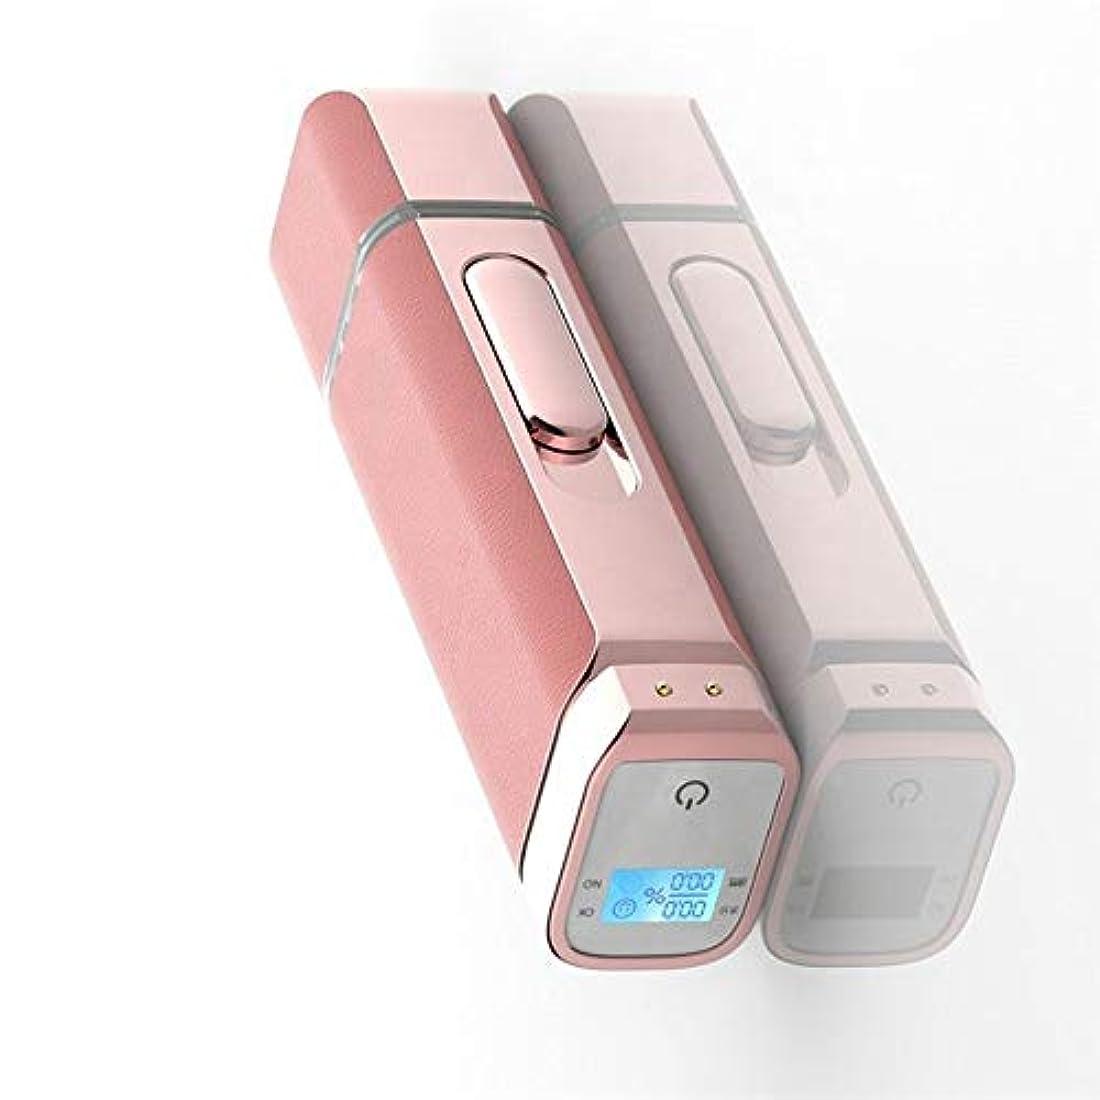 そのようなスライス郵便番号肌の水分テスターと顔のナノミスト噴霧器、アトマイゼーションフェイススチーマーディープモイスチャライジングブラックヘッドアクネスージングサロン用フェイシャルポータブルフェイシャルスプレー (Color : ピンク)